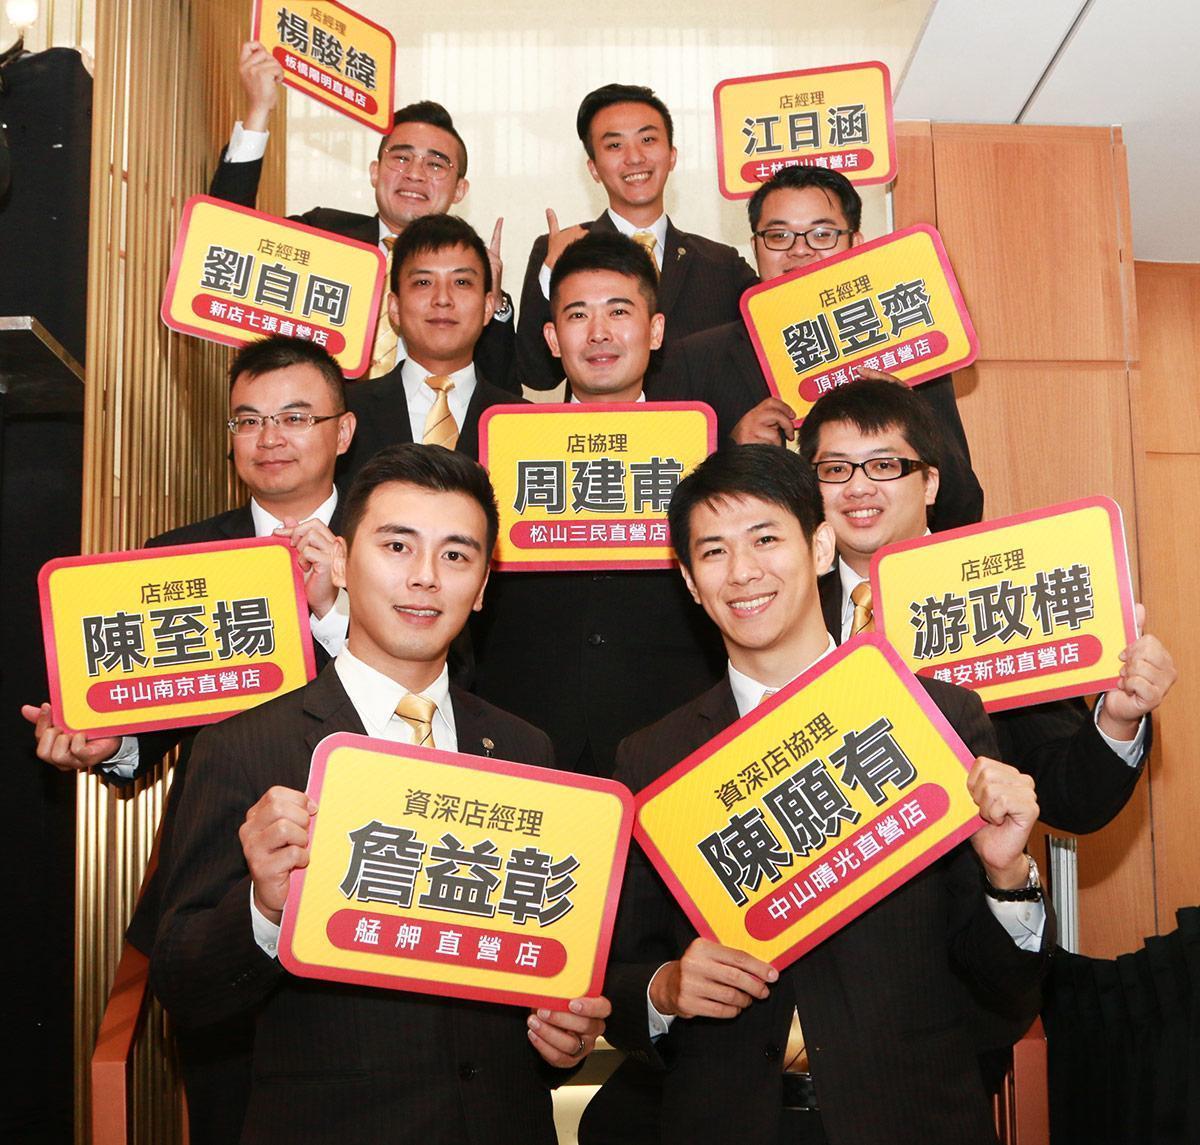 永慶房屋店長平均年收入約180萬-200萬元,年底24間新展店的店長平均只有31歲!